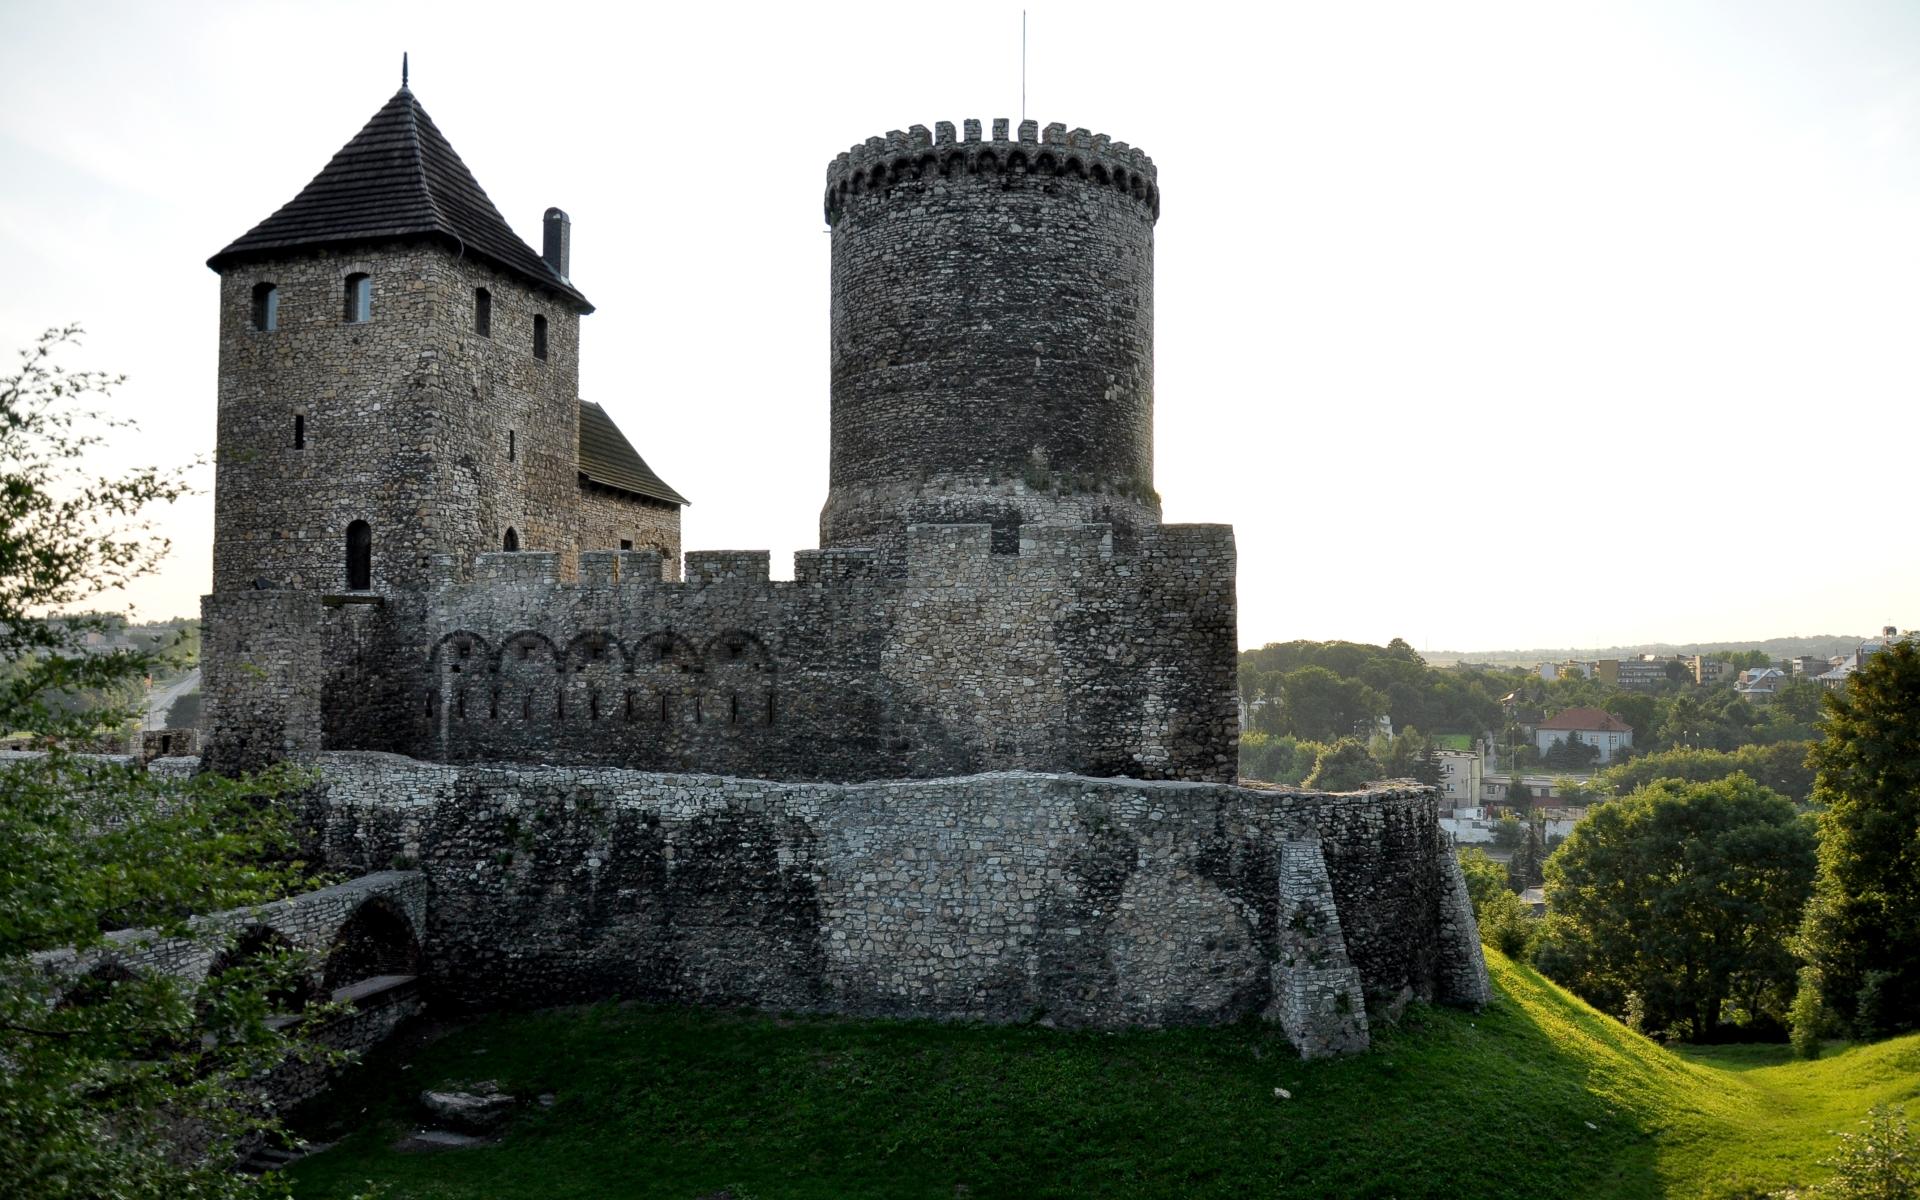 castle bedzin poland medieval - photo #26